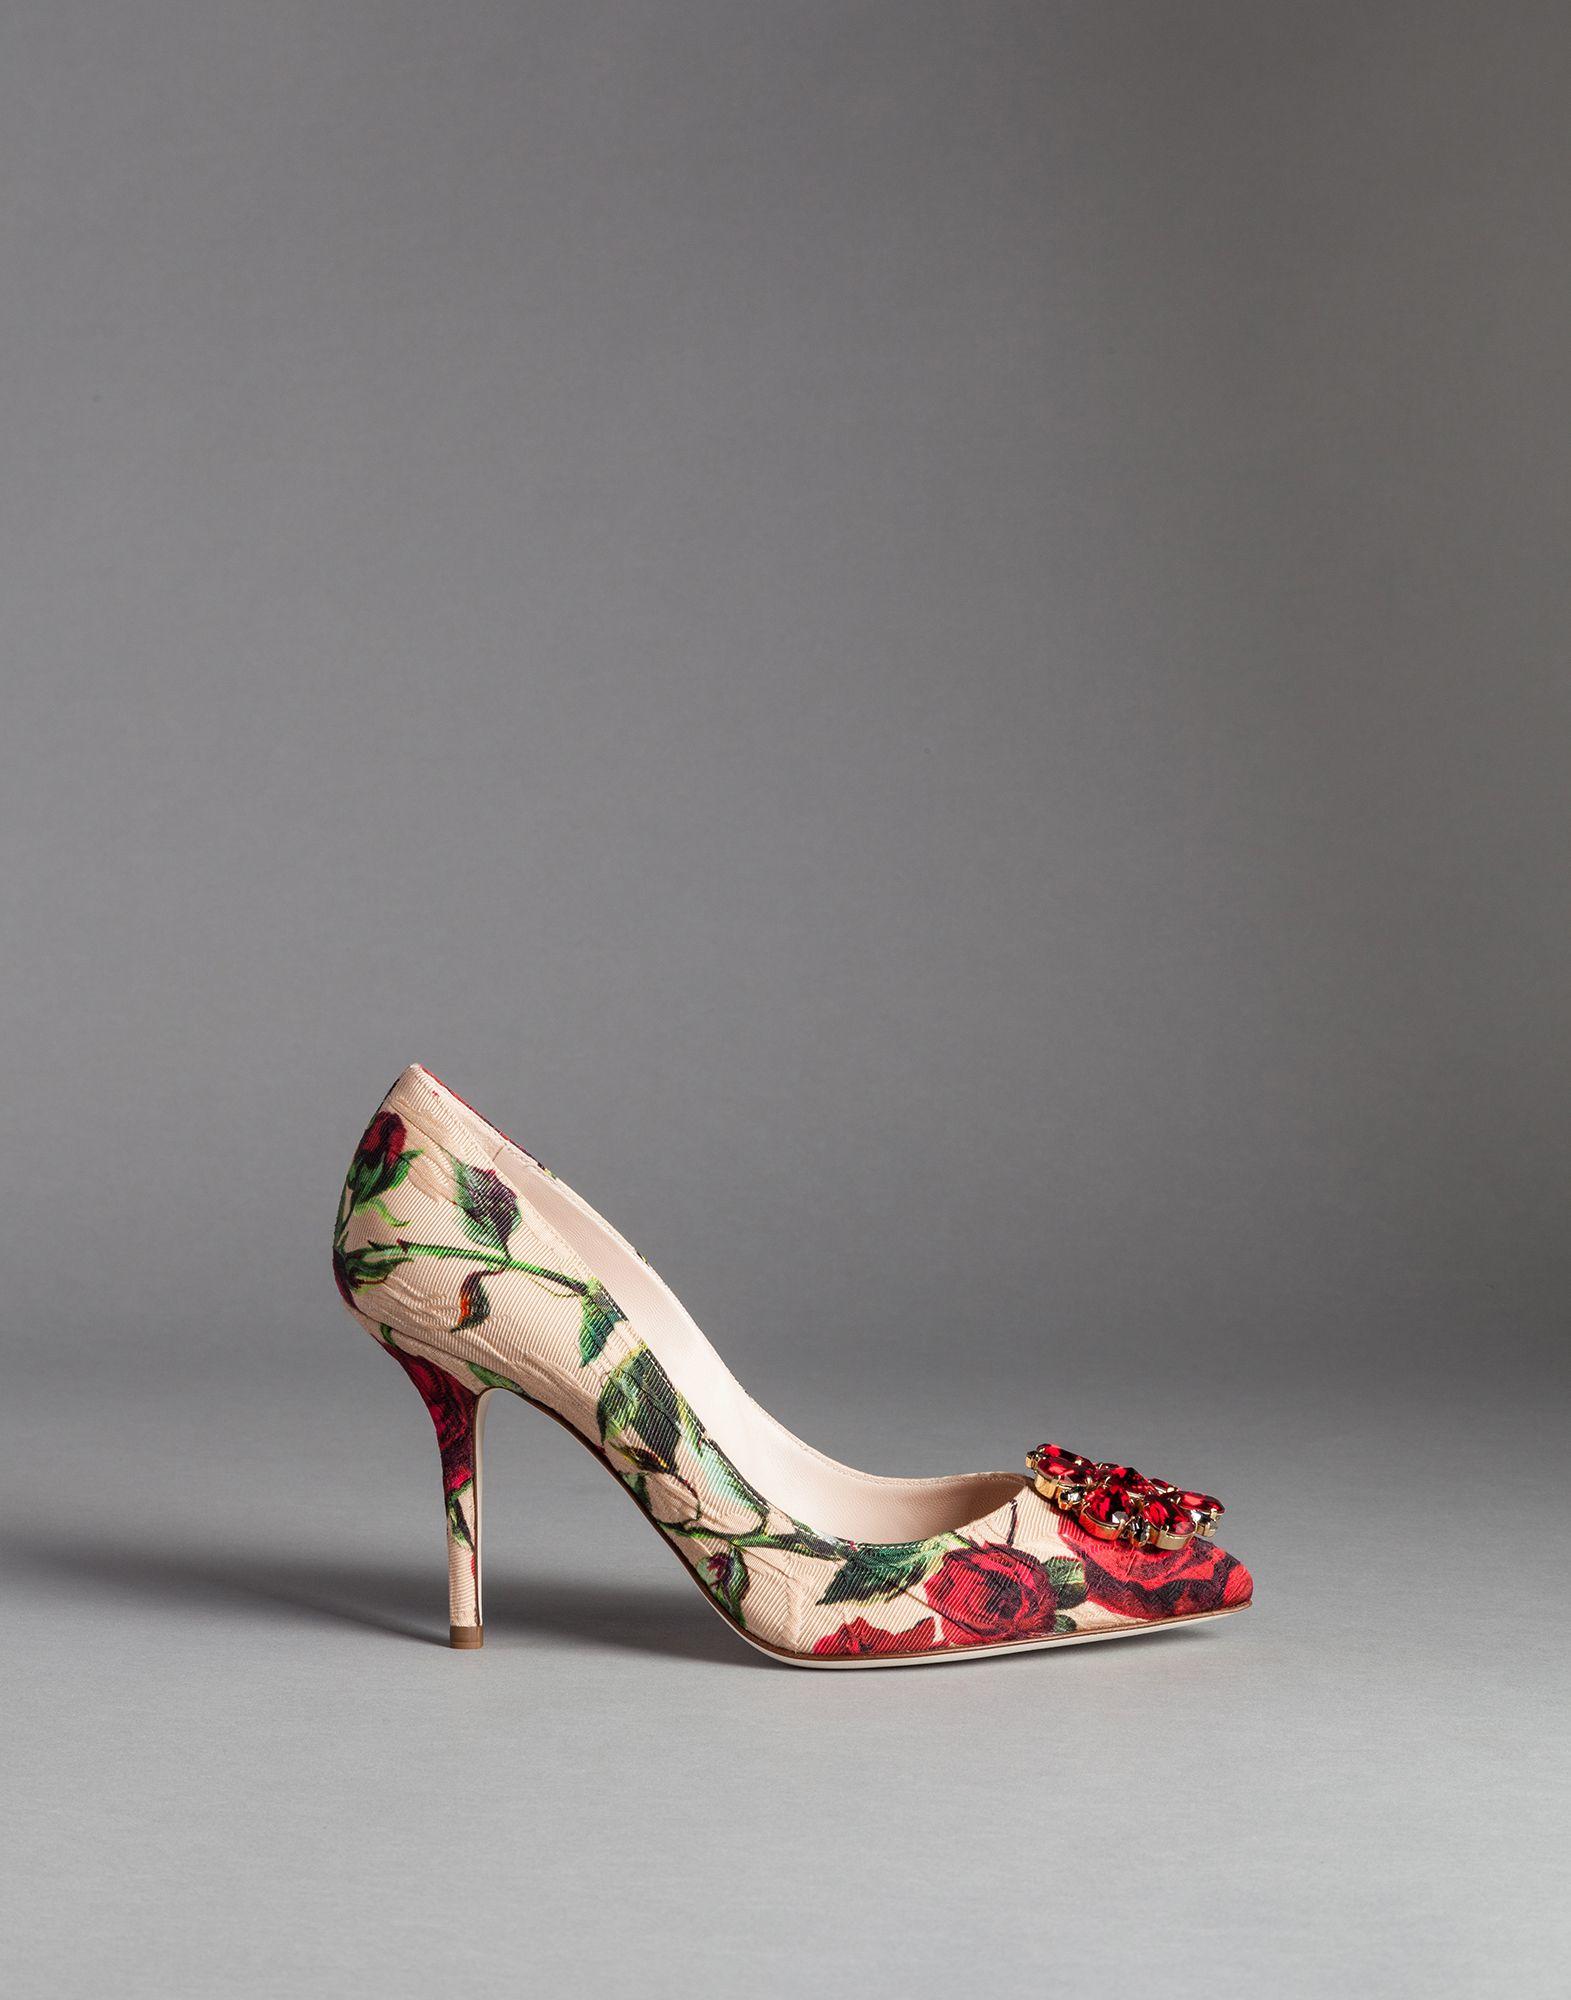 5bbcd34ba65 Dolce & Gabbana Rose Print Brocade Bellucci Pumps in Red - Lyst